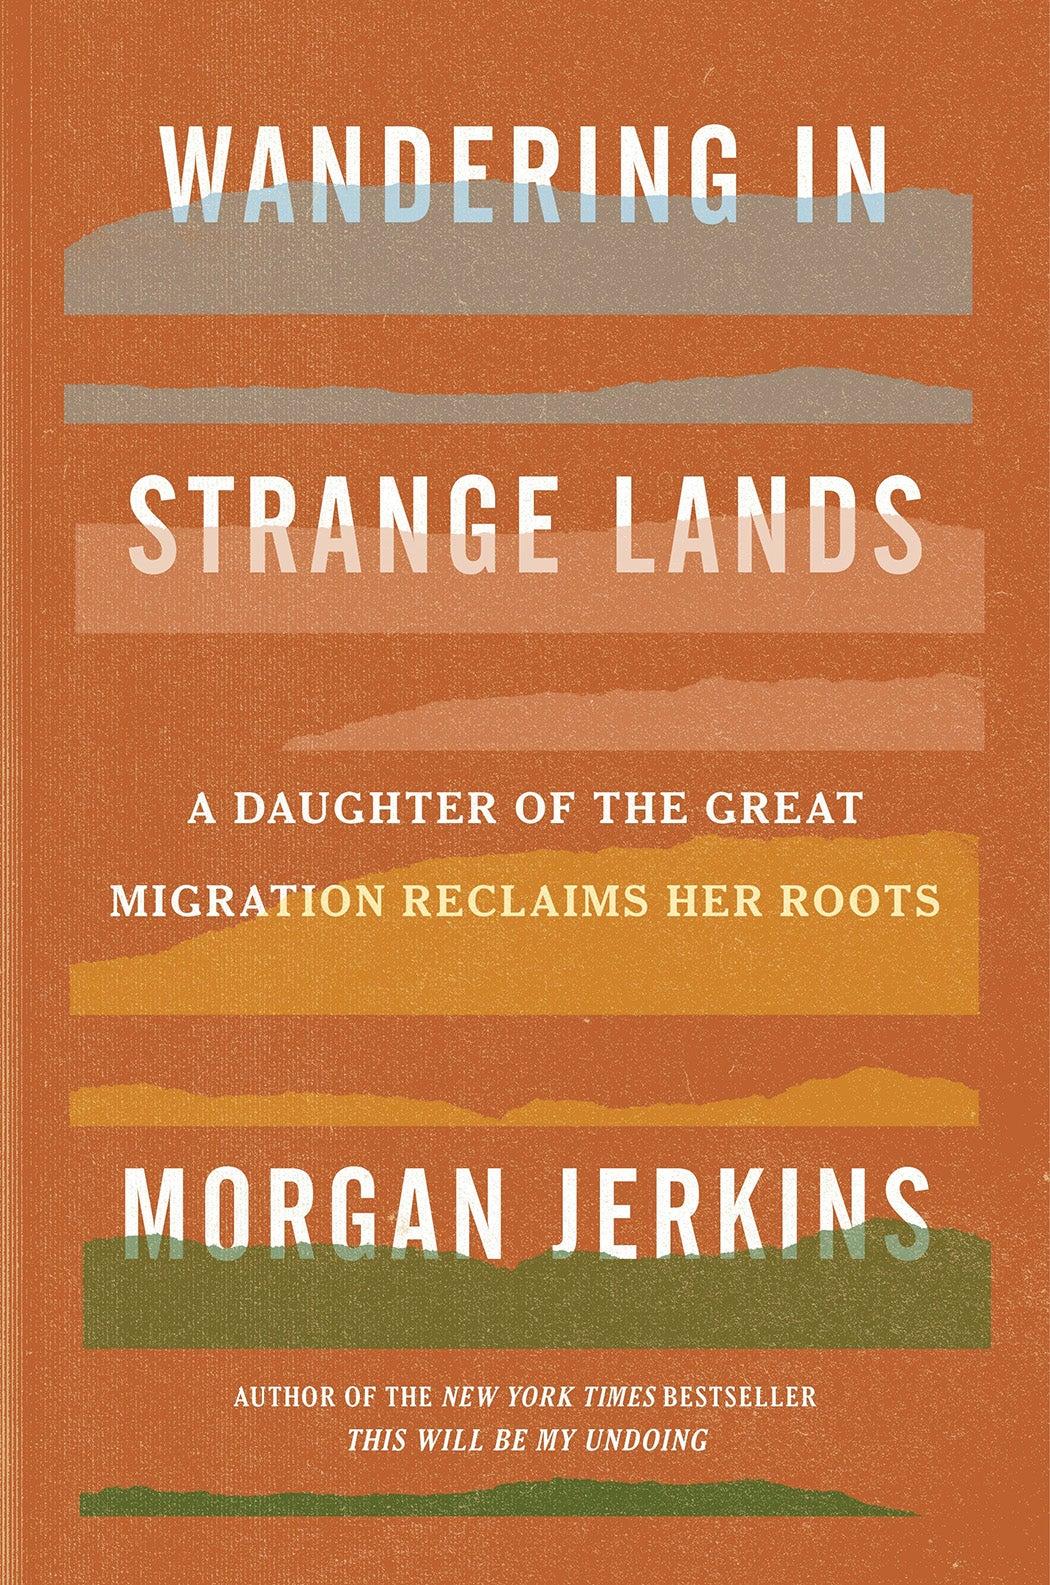 Wandering in Strange Lands by Morgan Jerkins